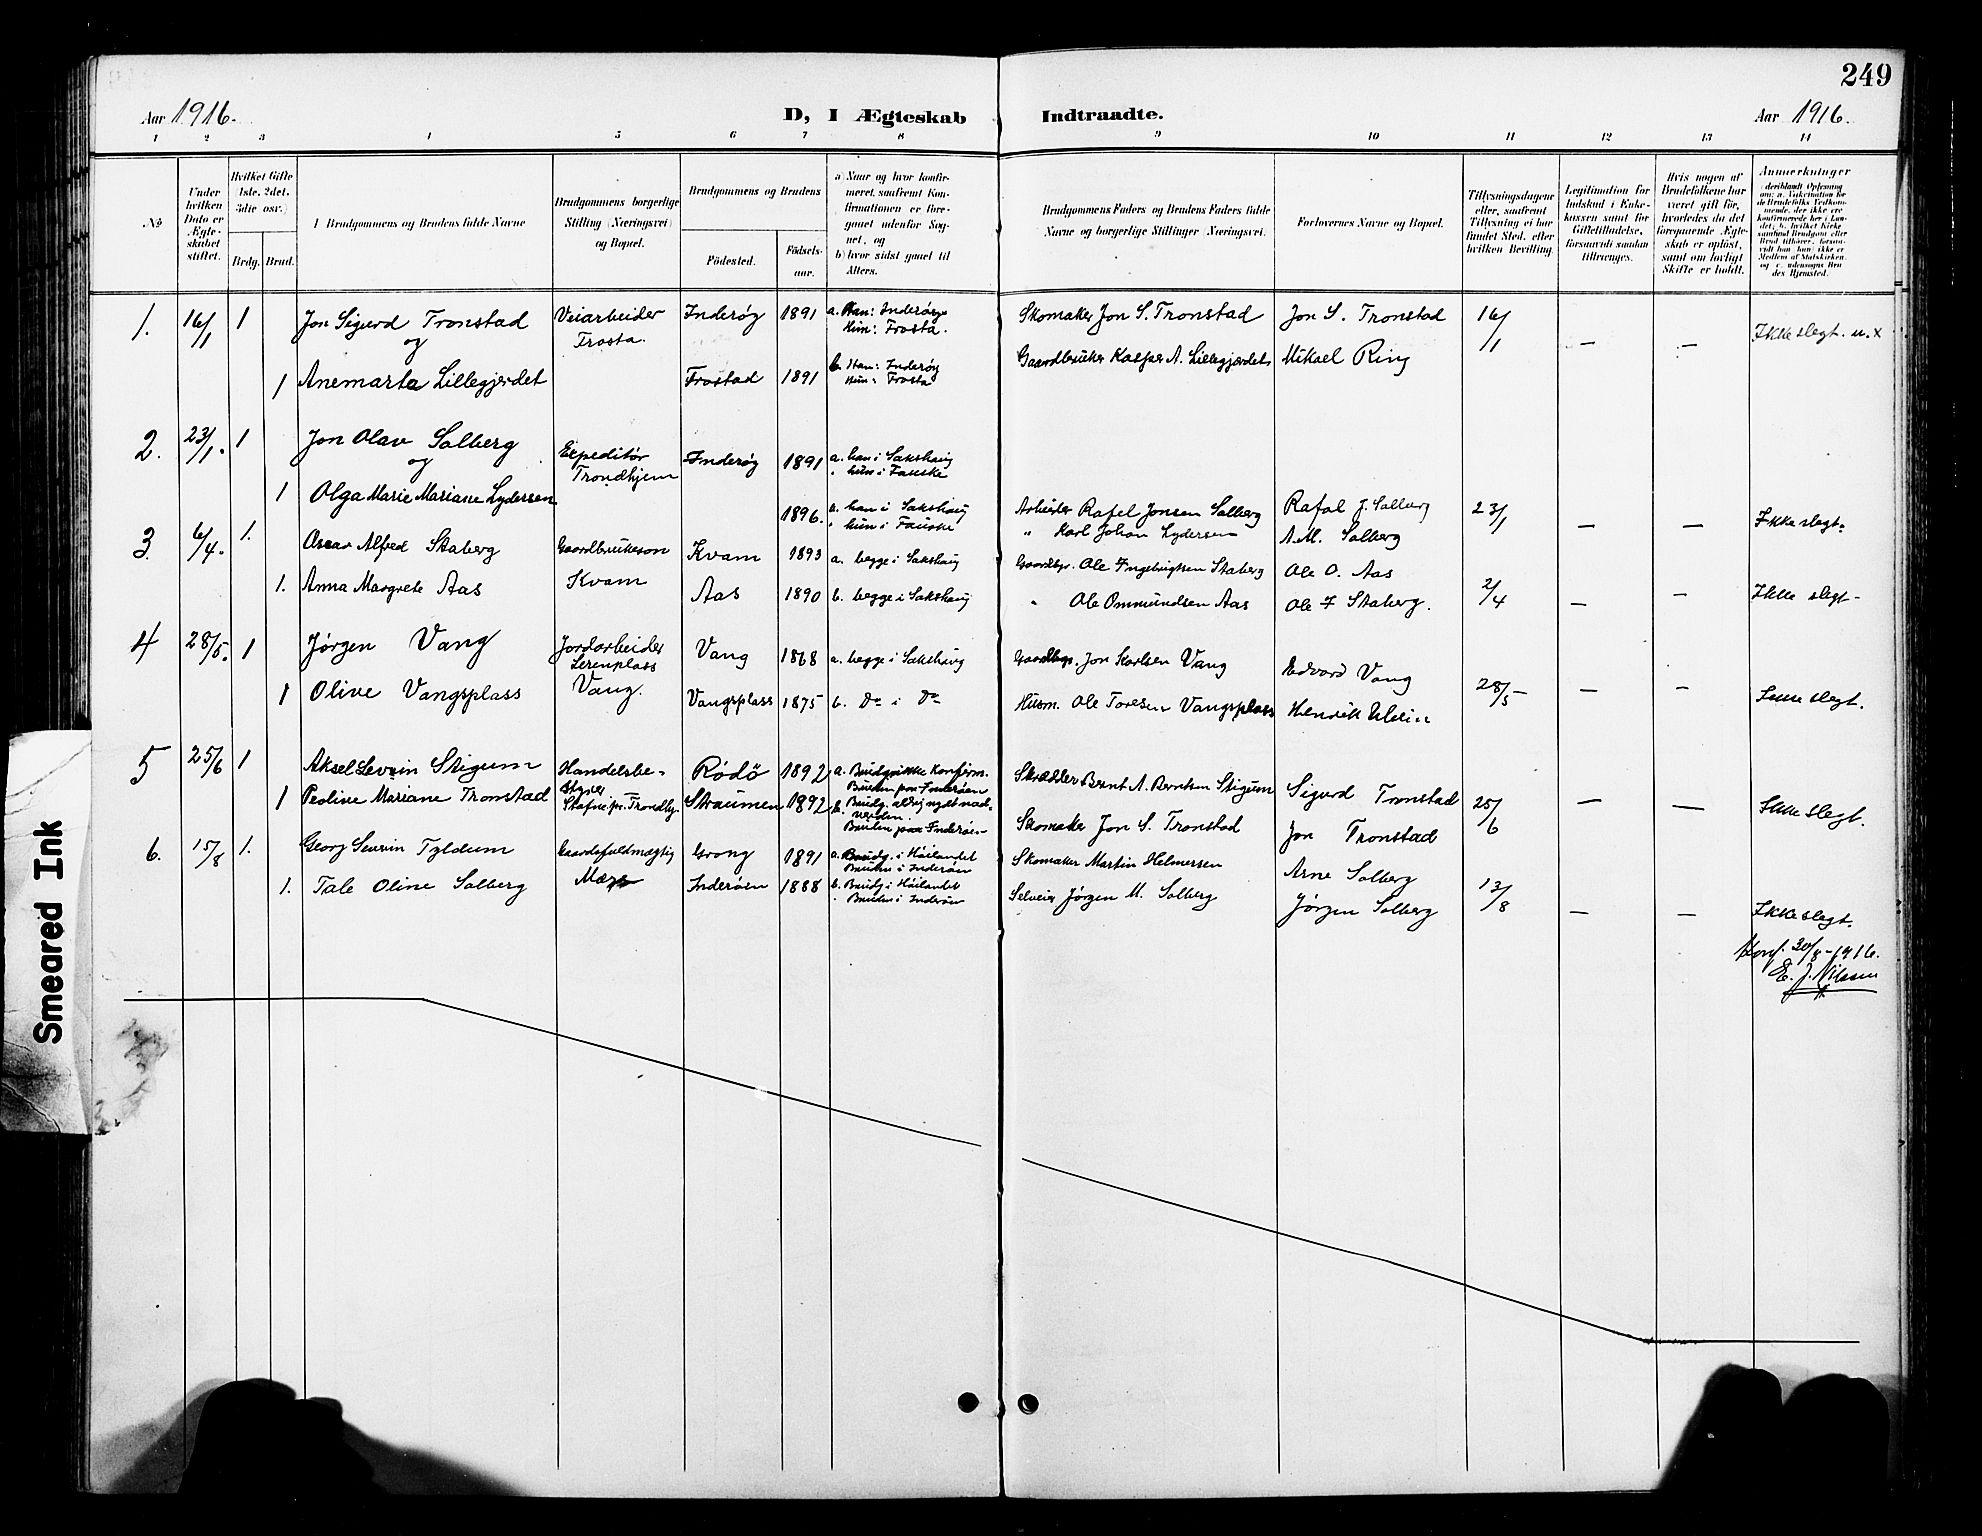 SAT, Ministerialprotokoller, klokkerbøker og fødselsregistre - Nord-Trøndelag, 730/L0302: Klokkerbok nr. 730C05, 1898-1924, s. 249